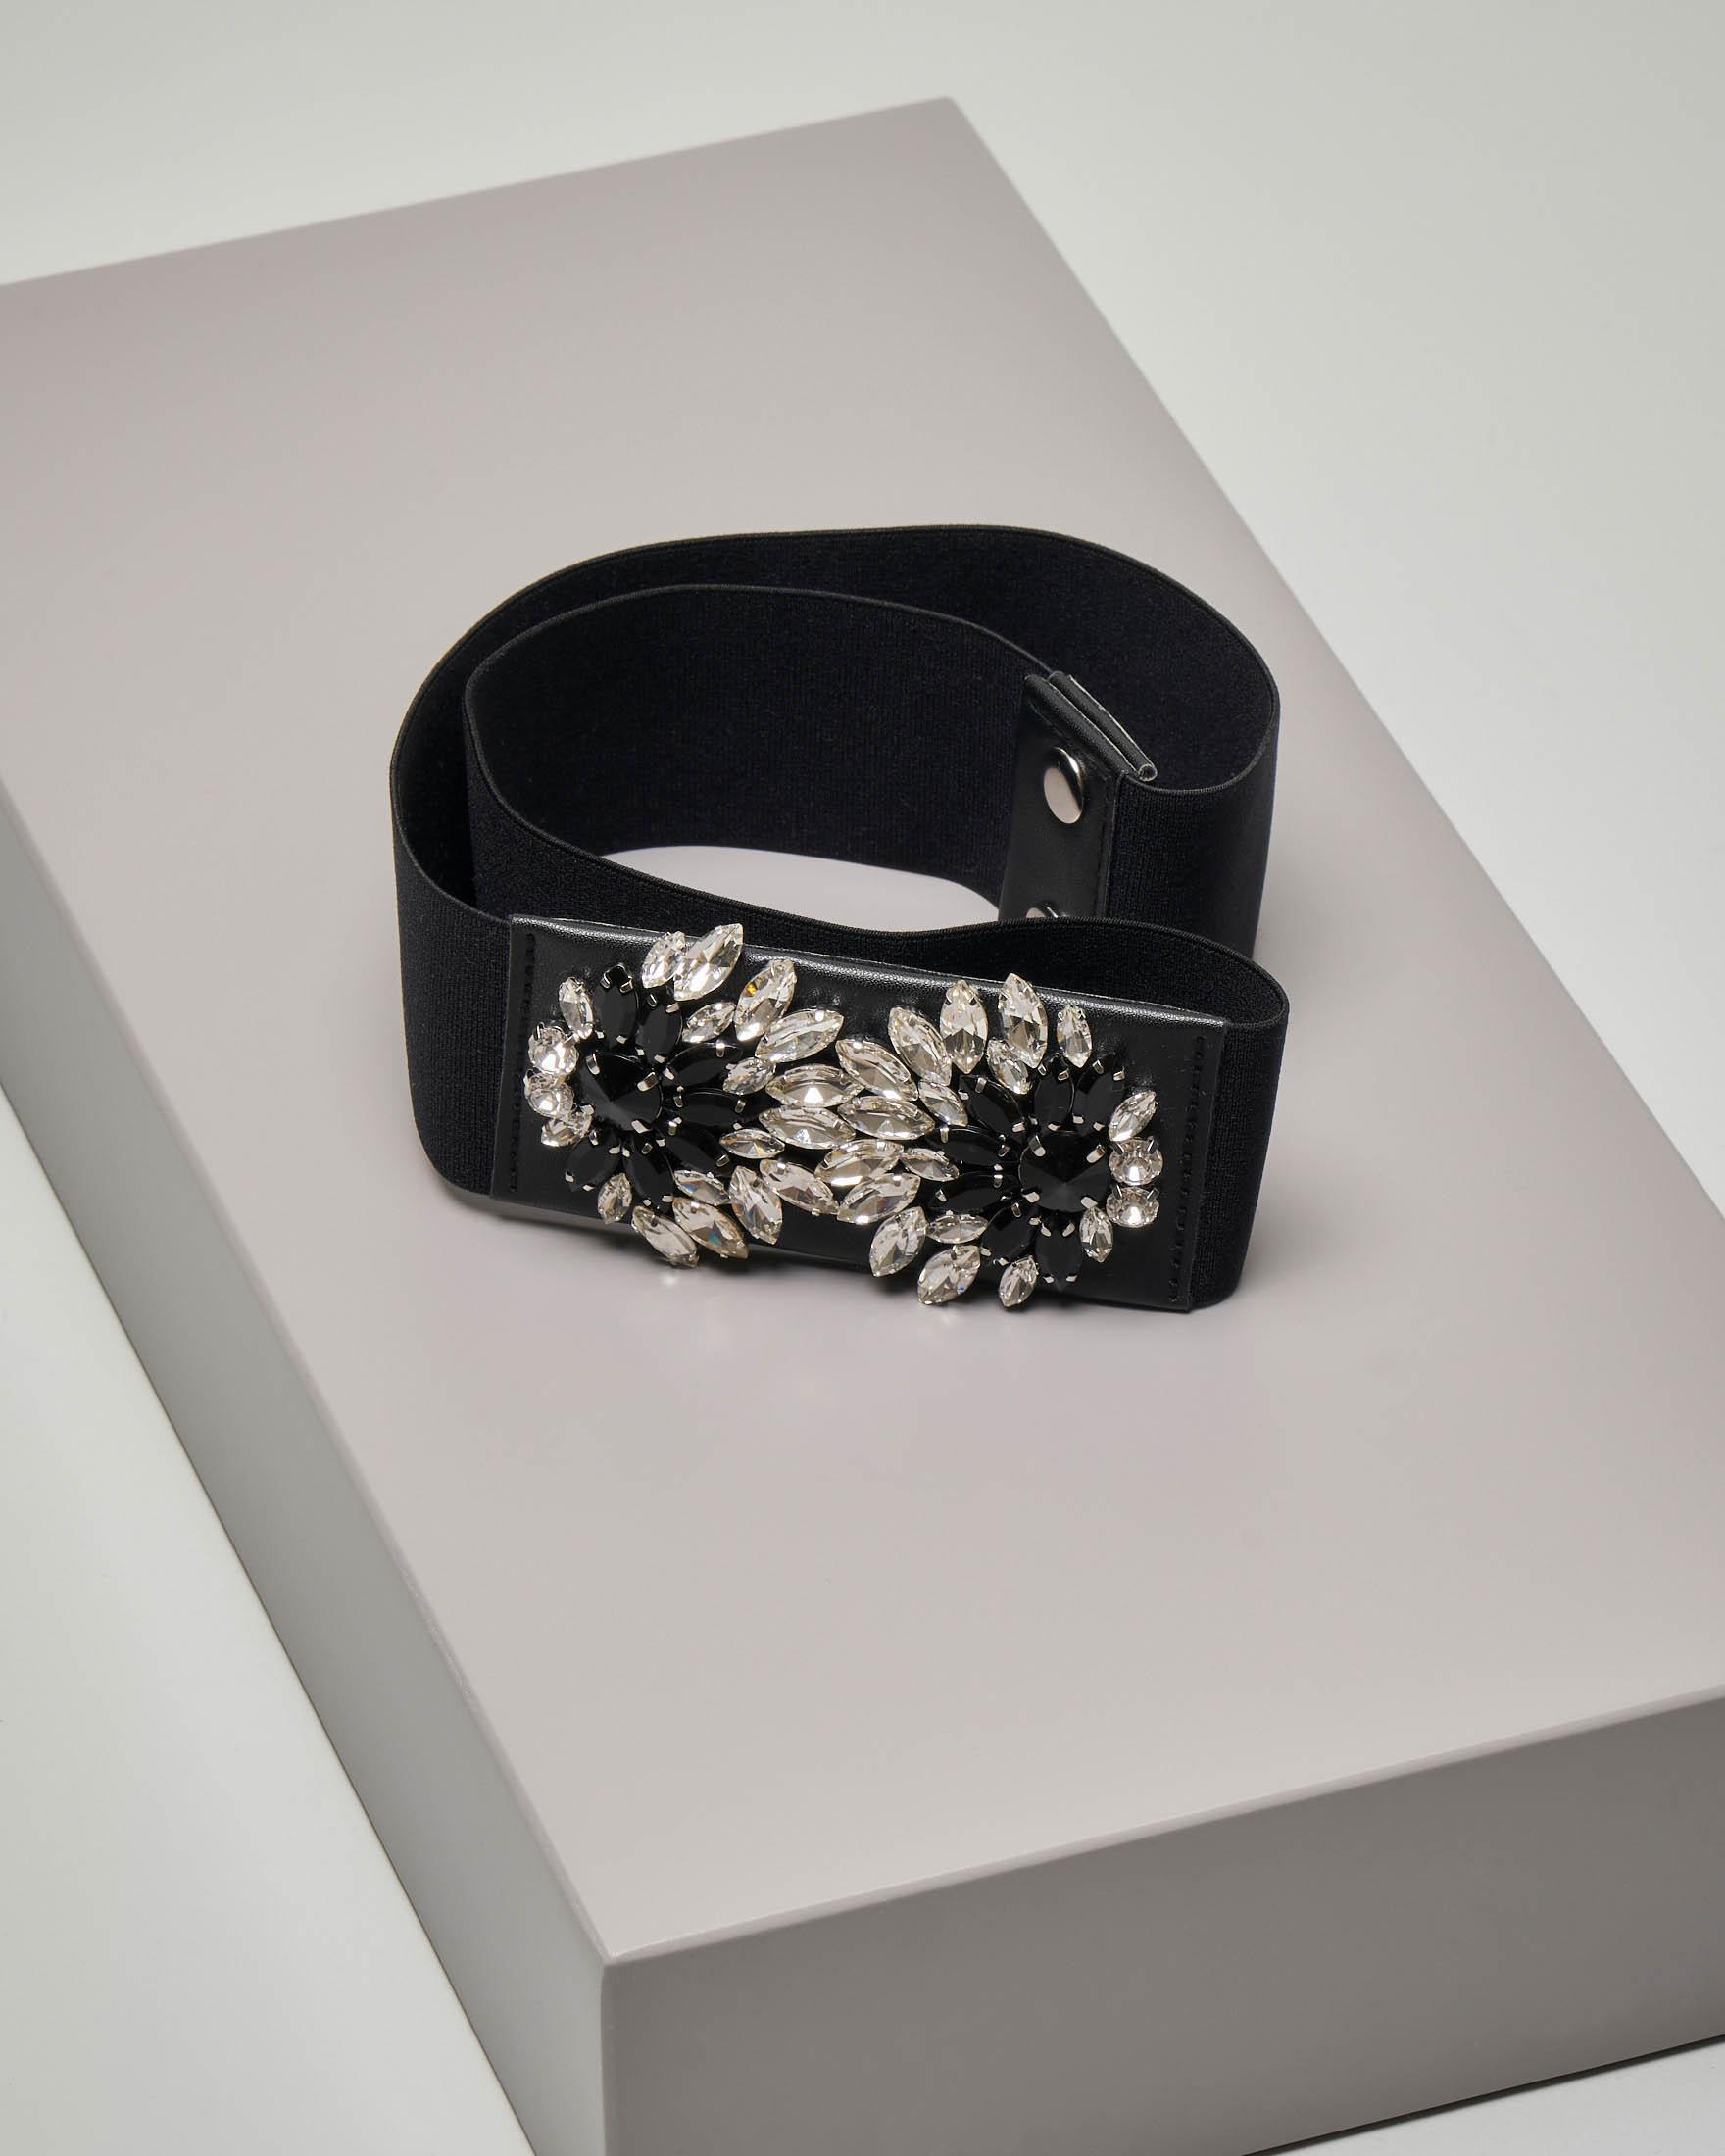 Cintura nera con fascia elastica con fibbia gioiello